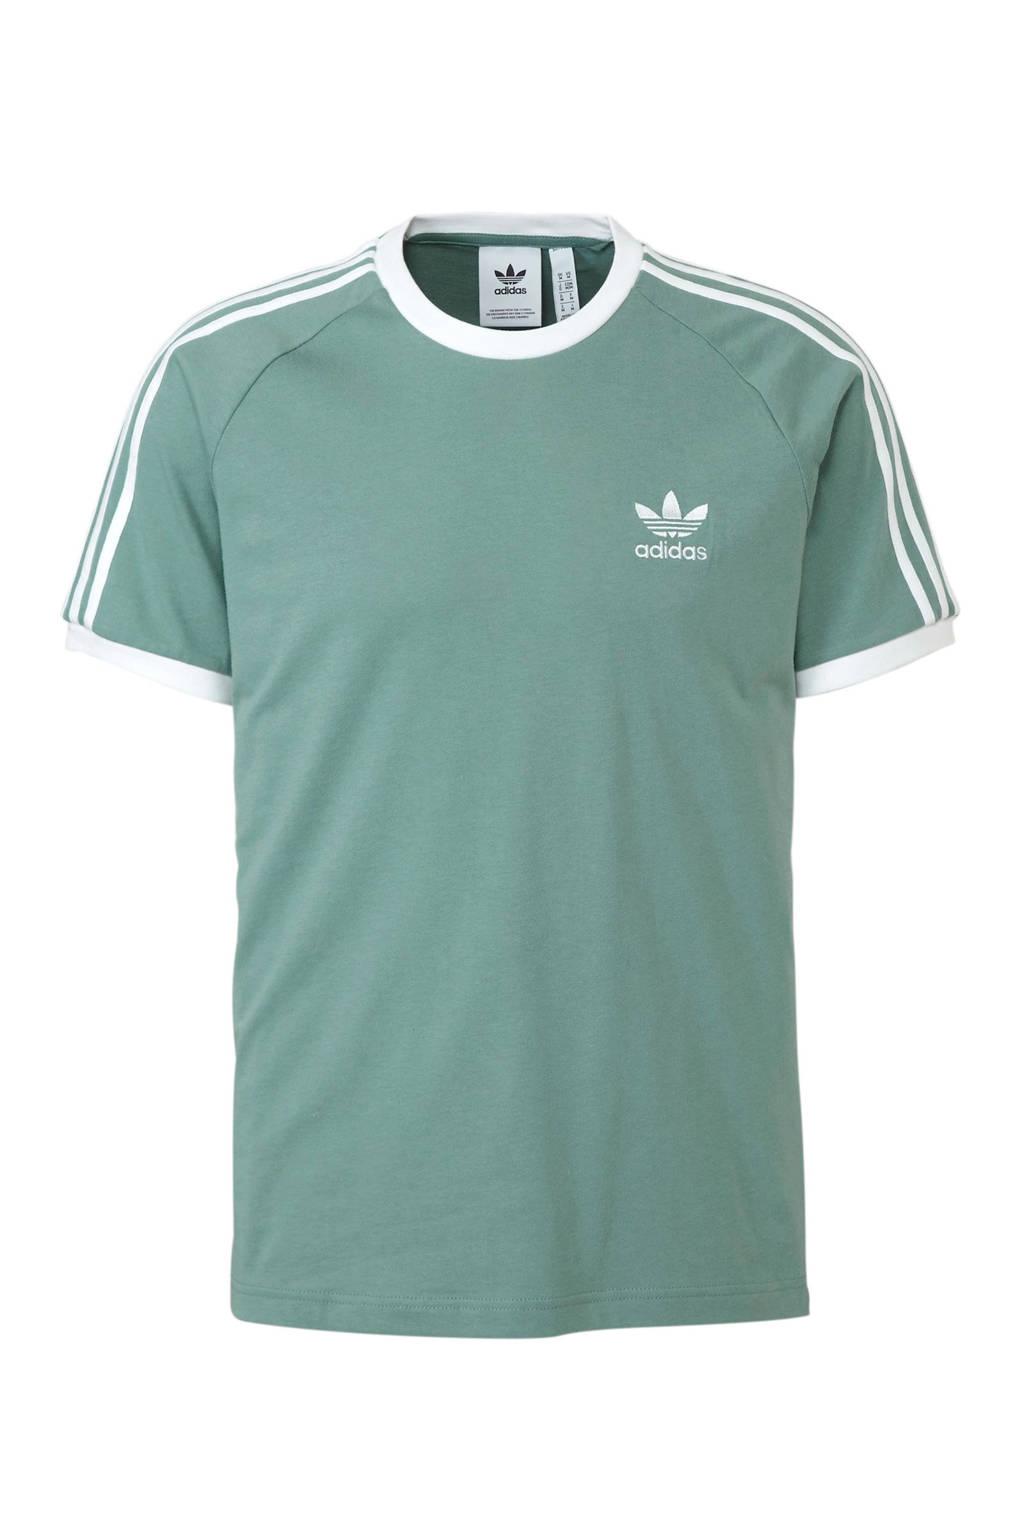 adidas Originals T-shirt groen, Groen/wit